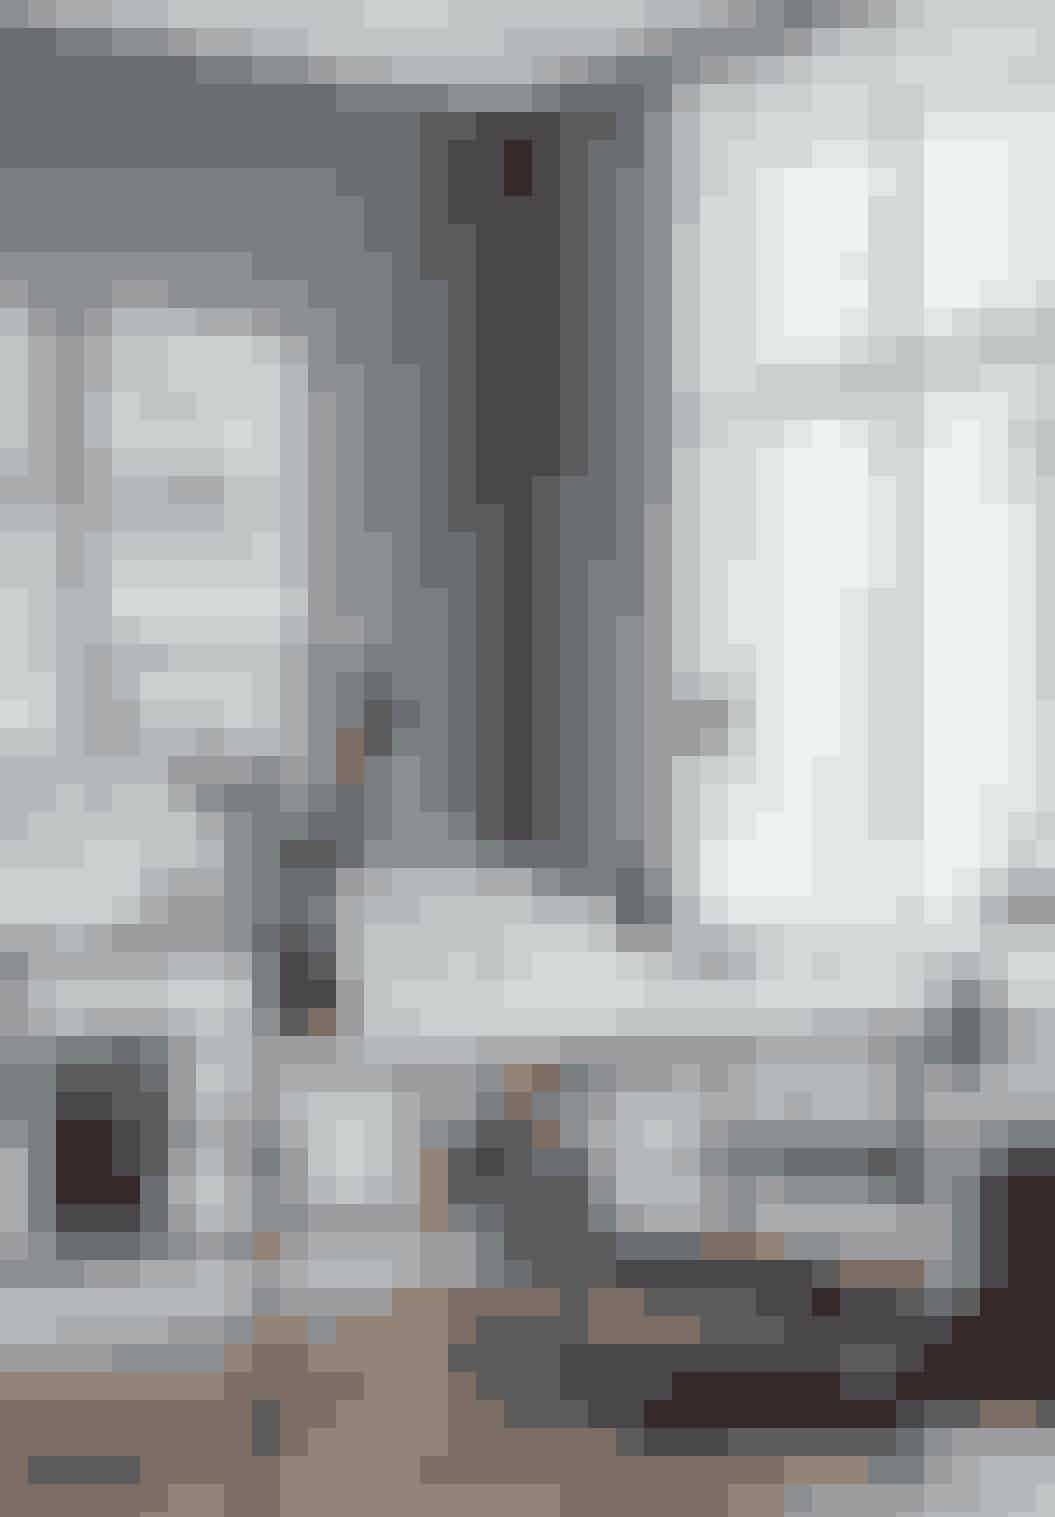 Skrivebordet er et Børge Mogensen-foldebord, som Cille har fundet antikt. Vasen på bordet er en gammel Royal Copenhagen-vase, lampen er fra Bestlite, og 'Kevi'-stolene er dels fra hendes barndomshjem, dels fundet til storskrald. Kelim-tæppet er fra Tyrkiet.